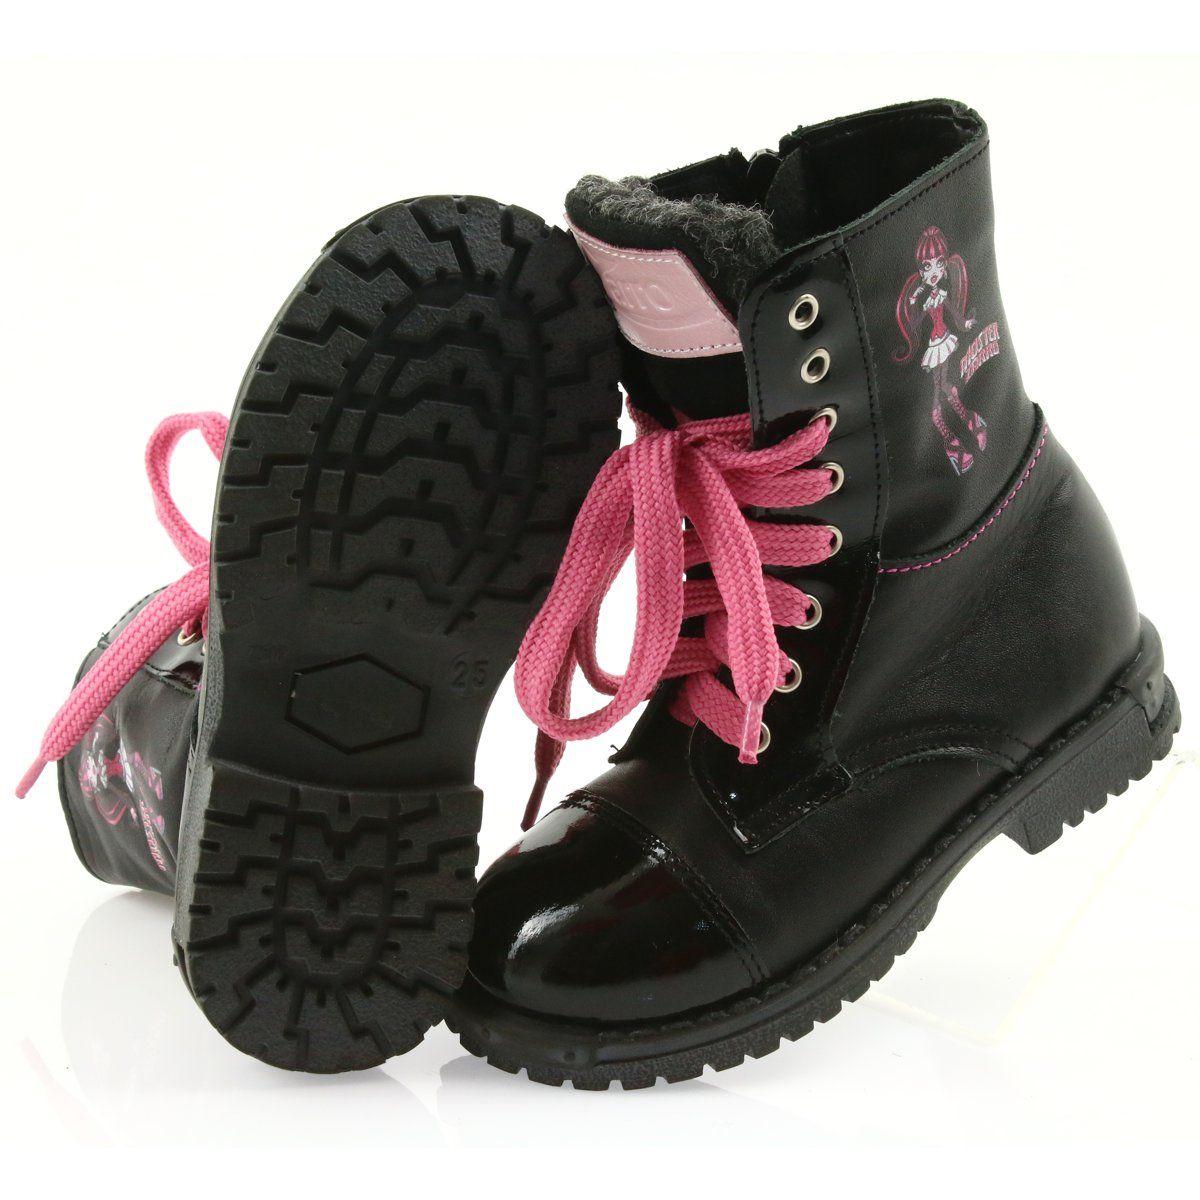 Ren But Trzewiki Buty Dzieciece Zarro 38 01 Czarne Rozowe Kid Shoes Childrens Boots Boots